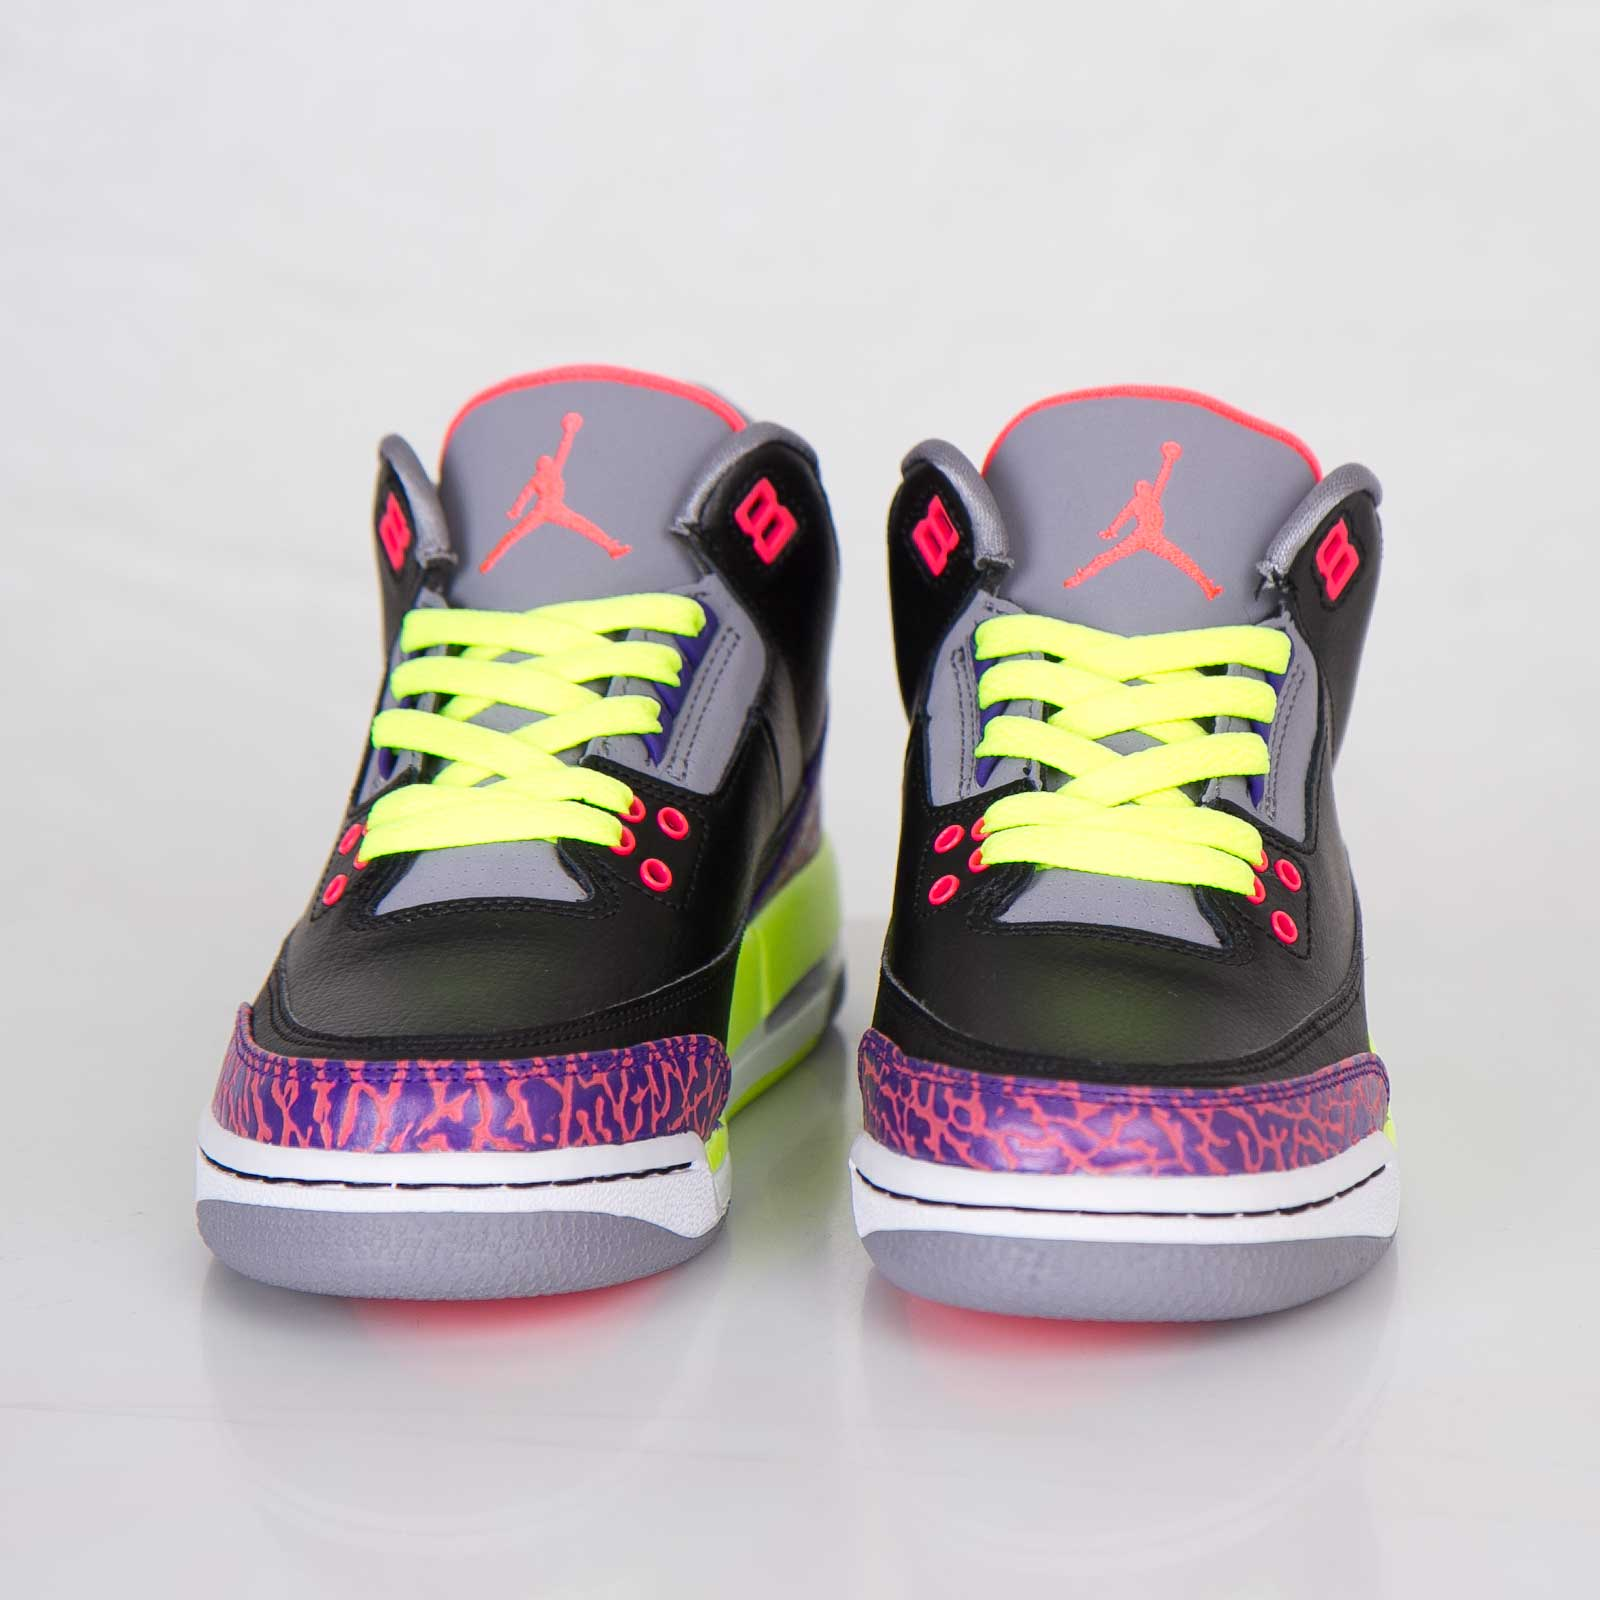 purchase cheap 094fe b484d Jordan Brand Girls Air Jordan 3 Retro - 441140-039 - Sneakersnstuff    sneakers   streetwear online since 1999